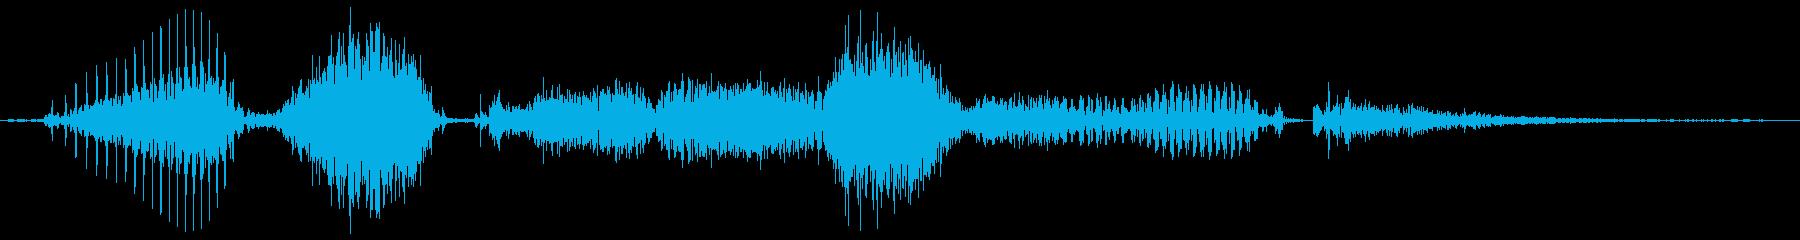 おつかれさま…の再生済みの波形